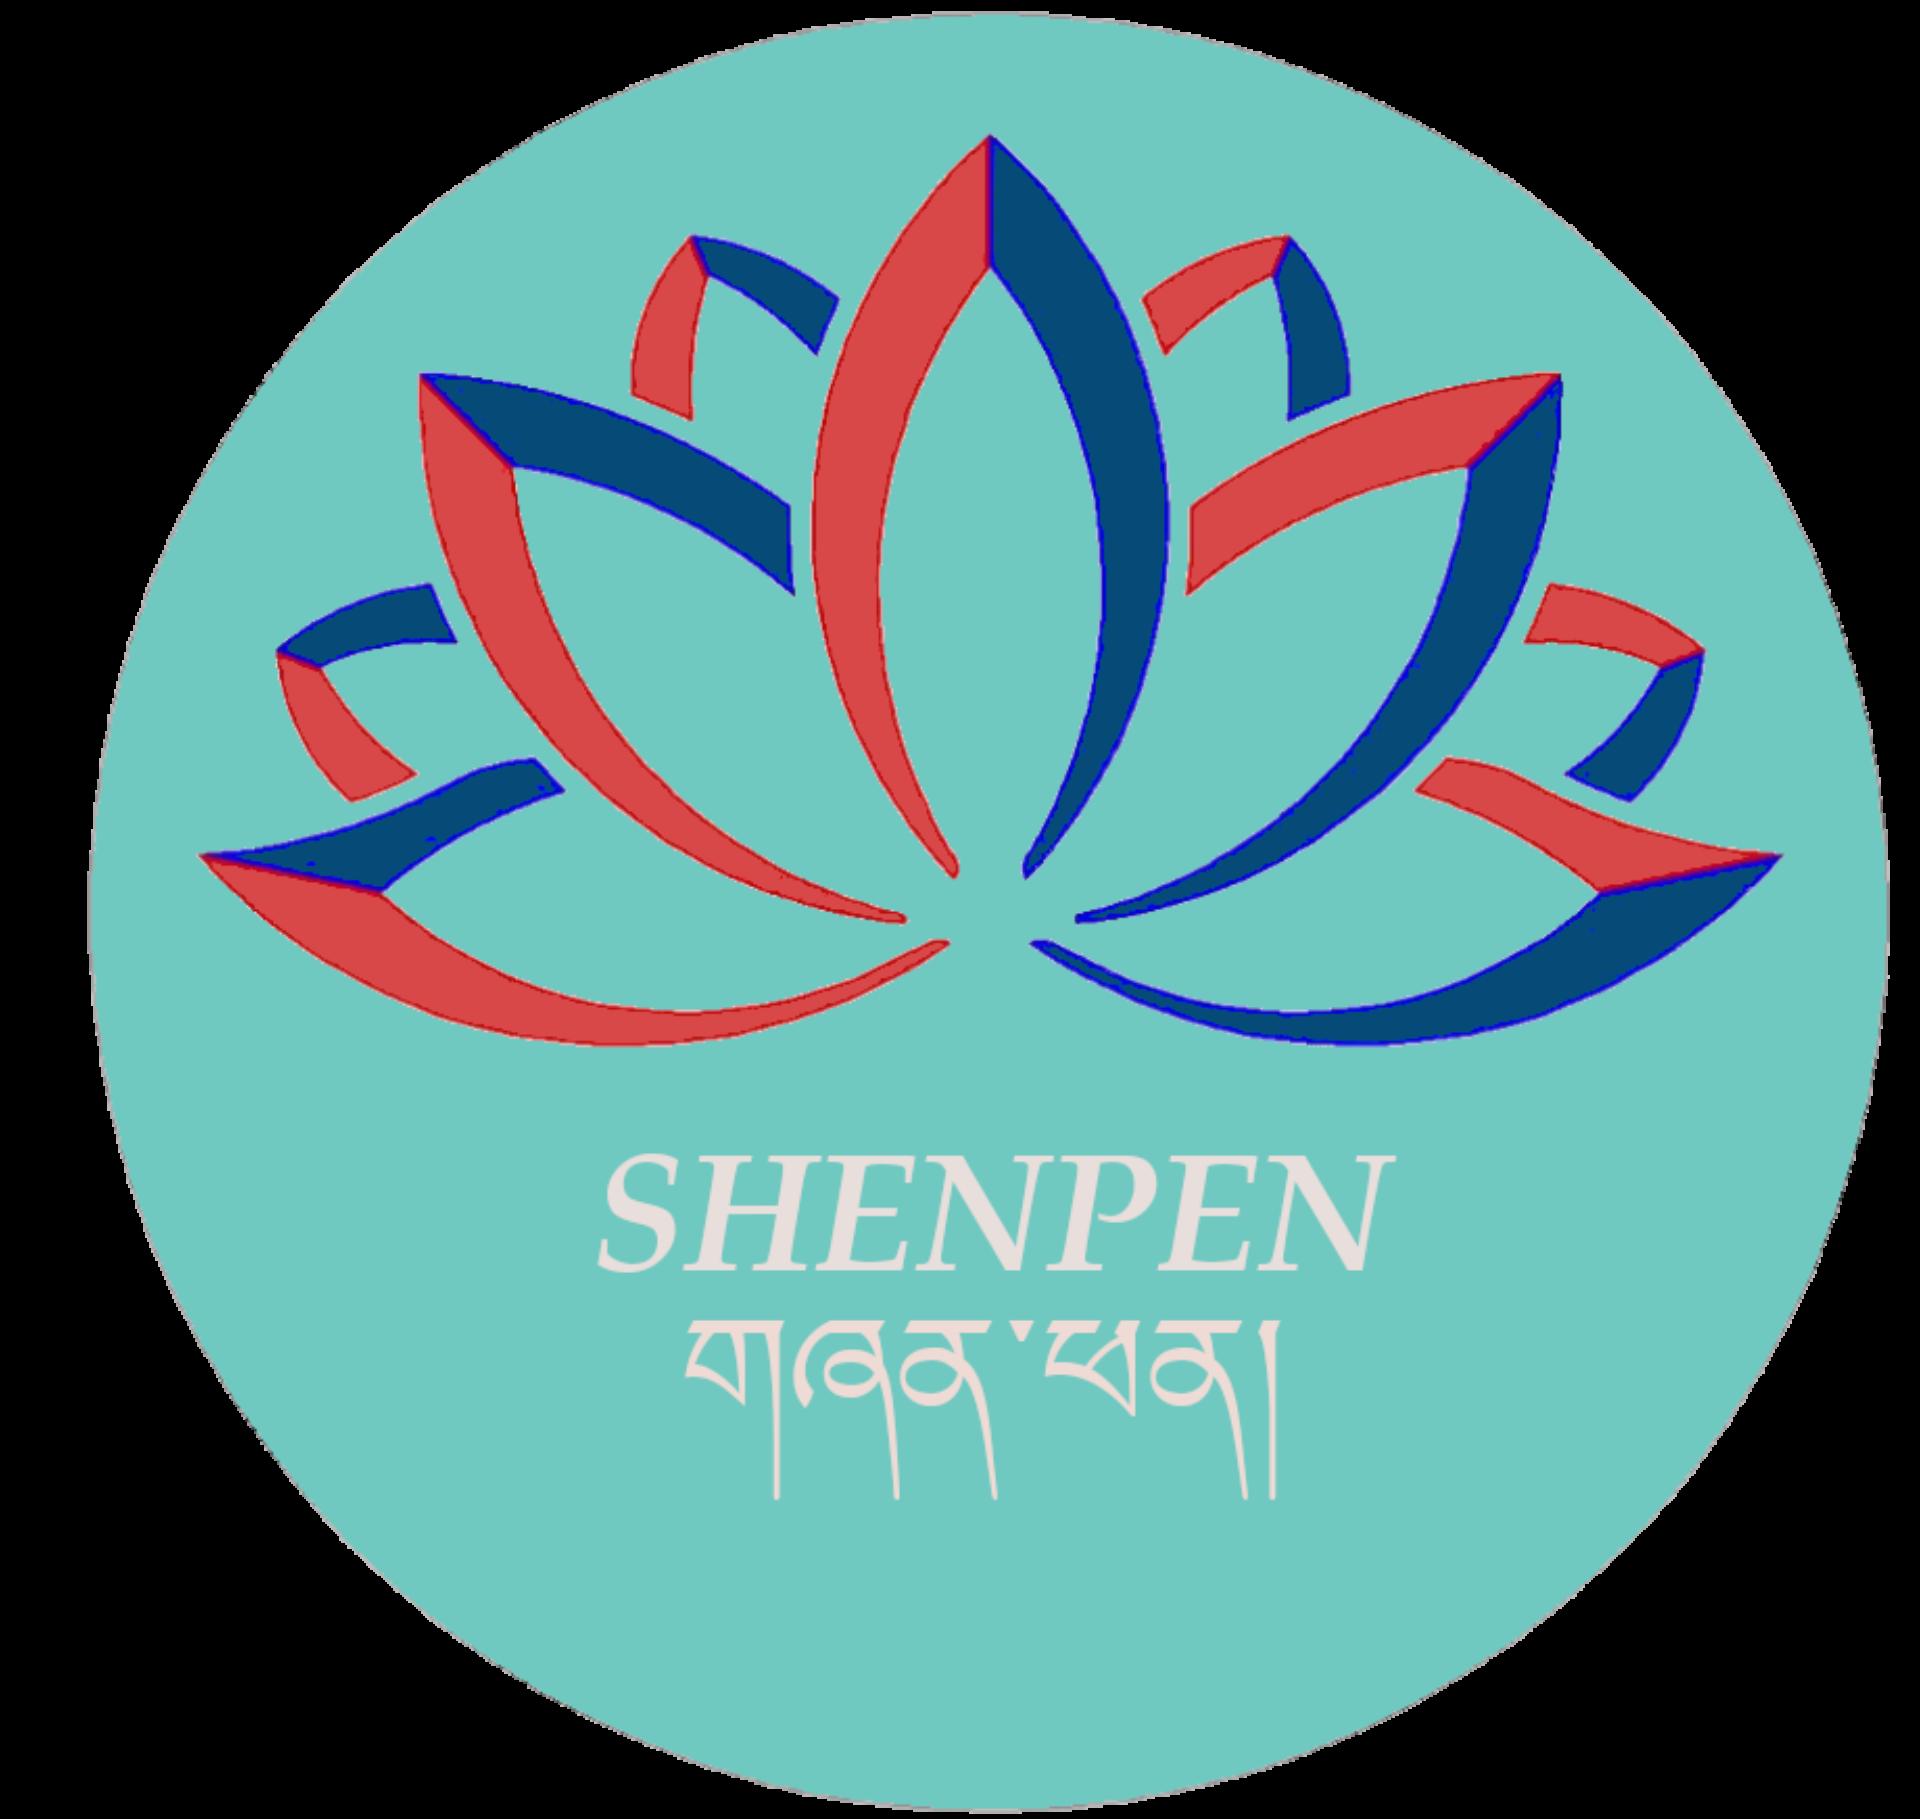 Shenpen